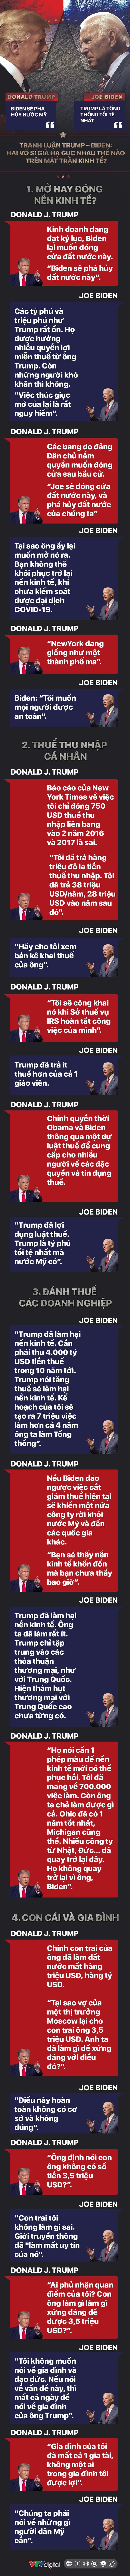 Tranh luận Trump - Biden: Hai võ sĩ già hạ gục nhau thế nào trên mặt trận kinh tế? - Ảnh 1.